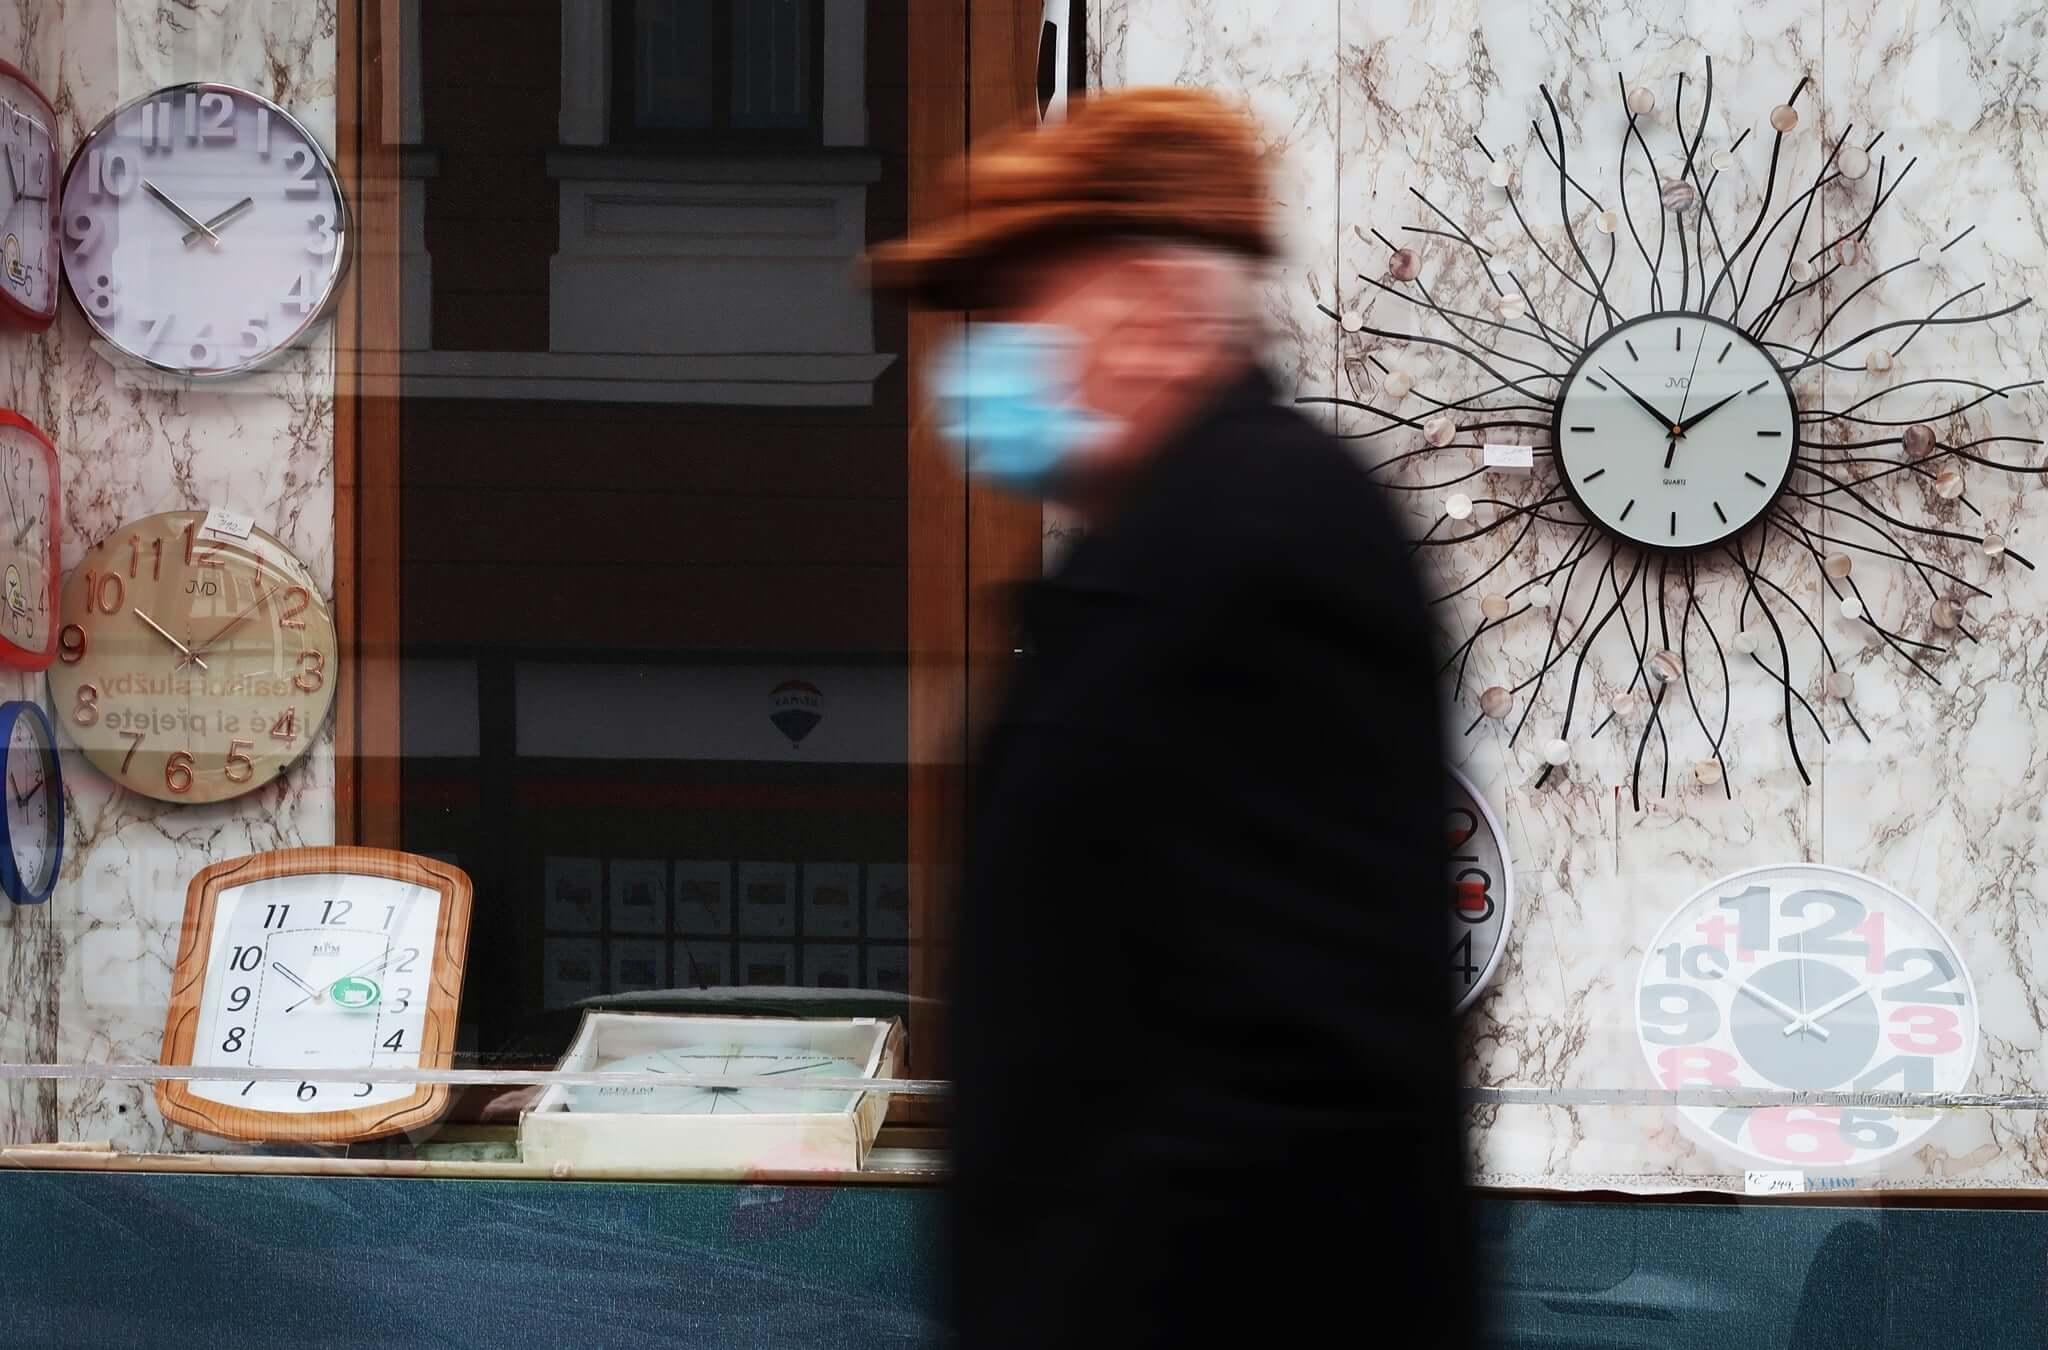 Vítězná fotografie 3. kola soutěže Fotka Nikonblogu 2021 na téma Pohyb ve fotografii | Čas je v pohybu | Foto Miloš Kostka